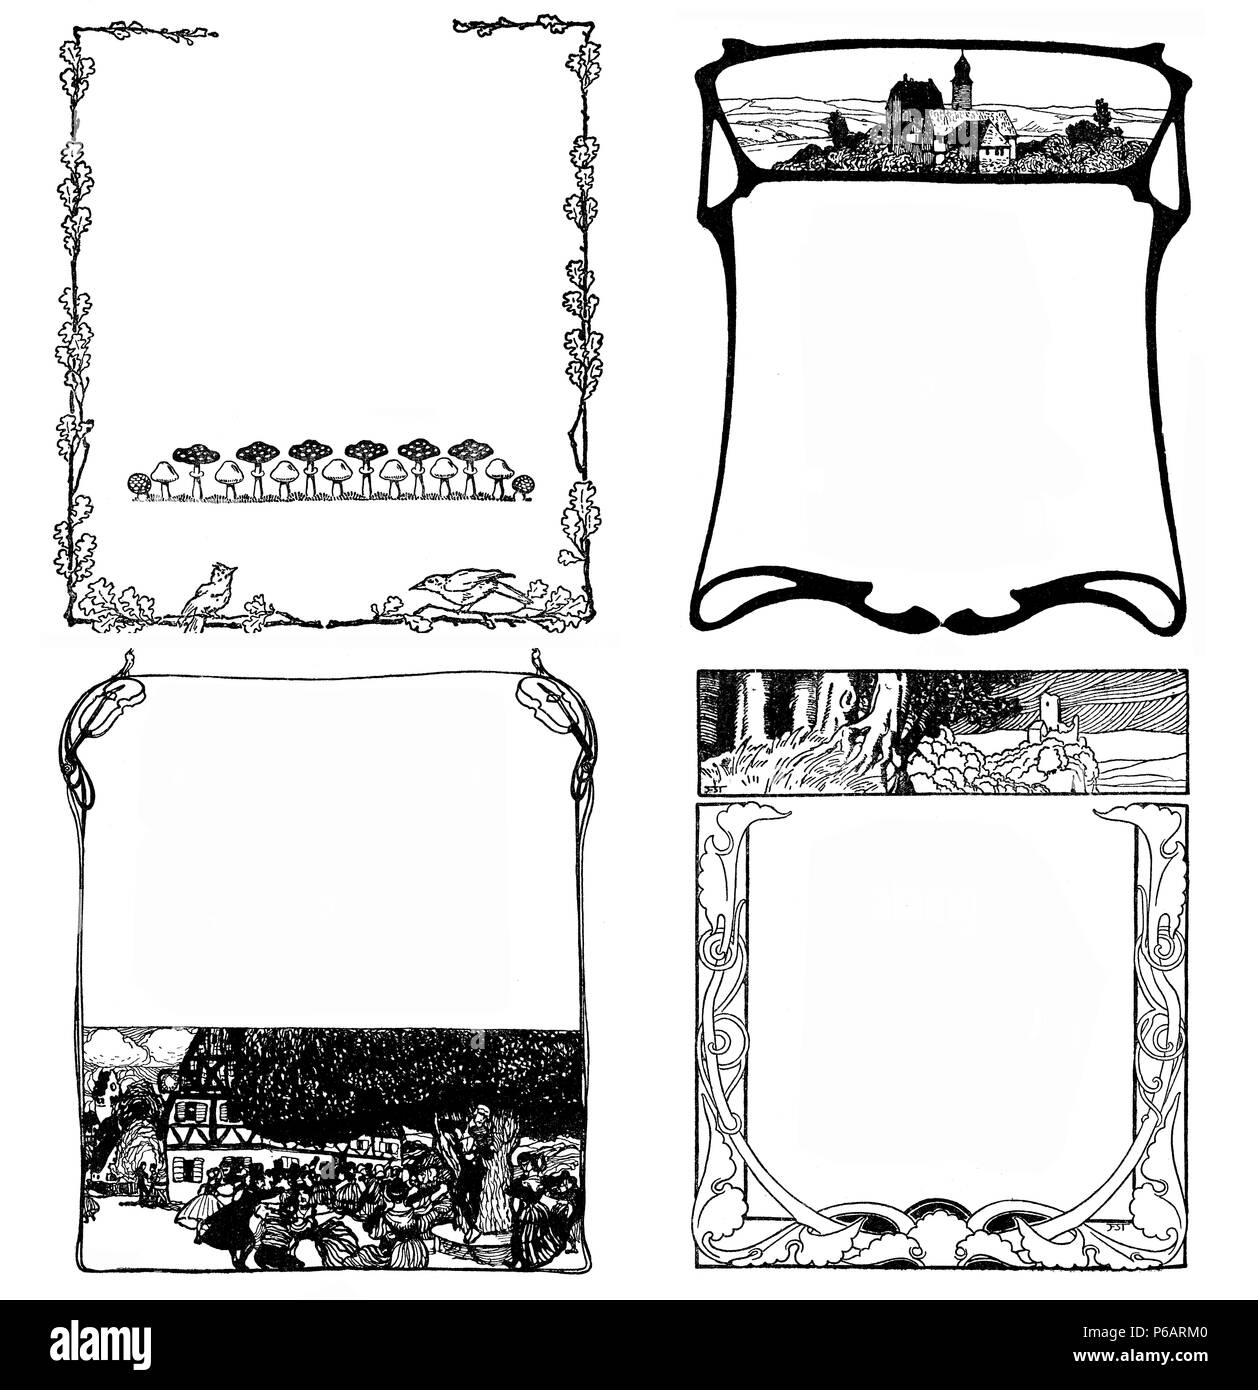 Elementos art deco decorativos tipográficos, a principios de los ...